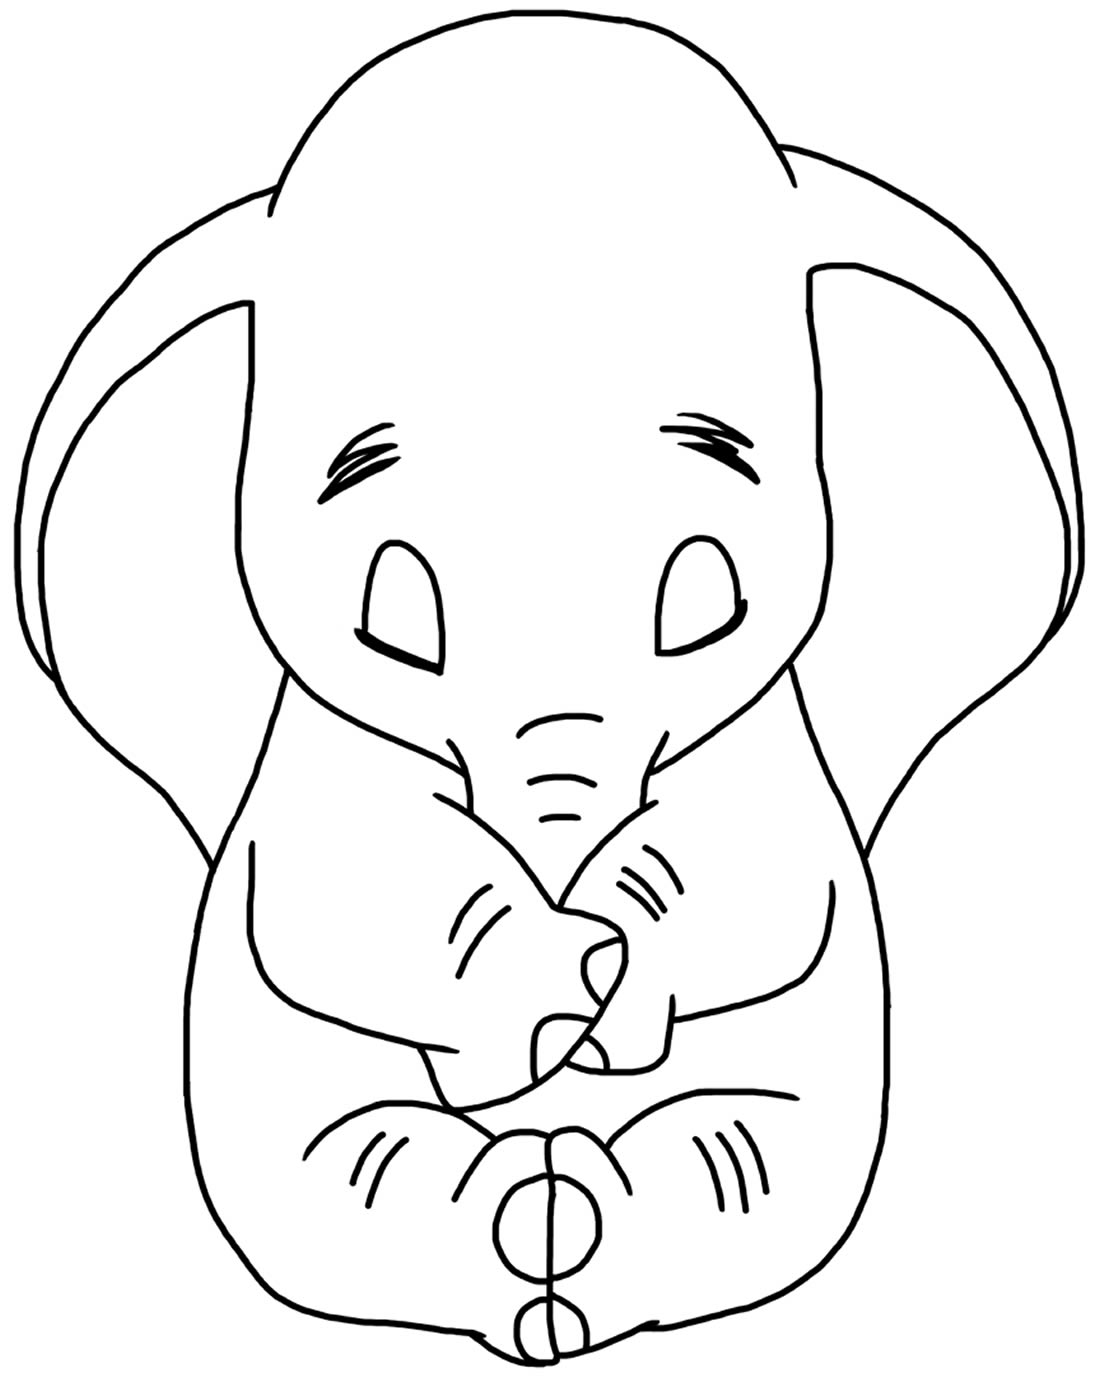 Desenho para pintar de Elefante